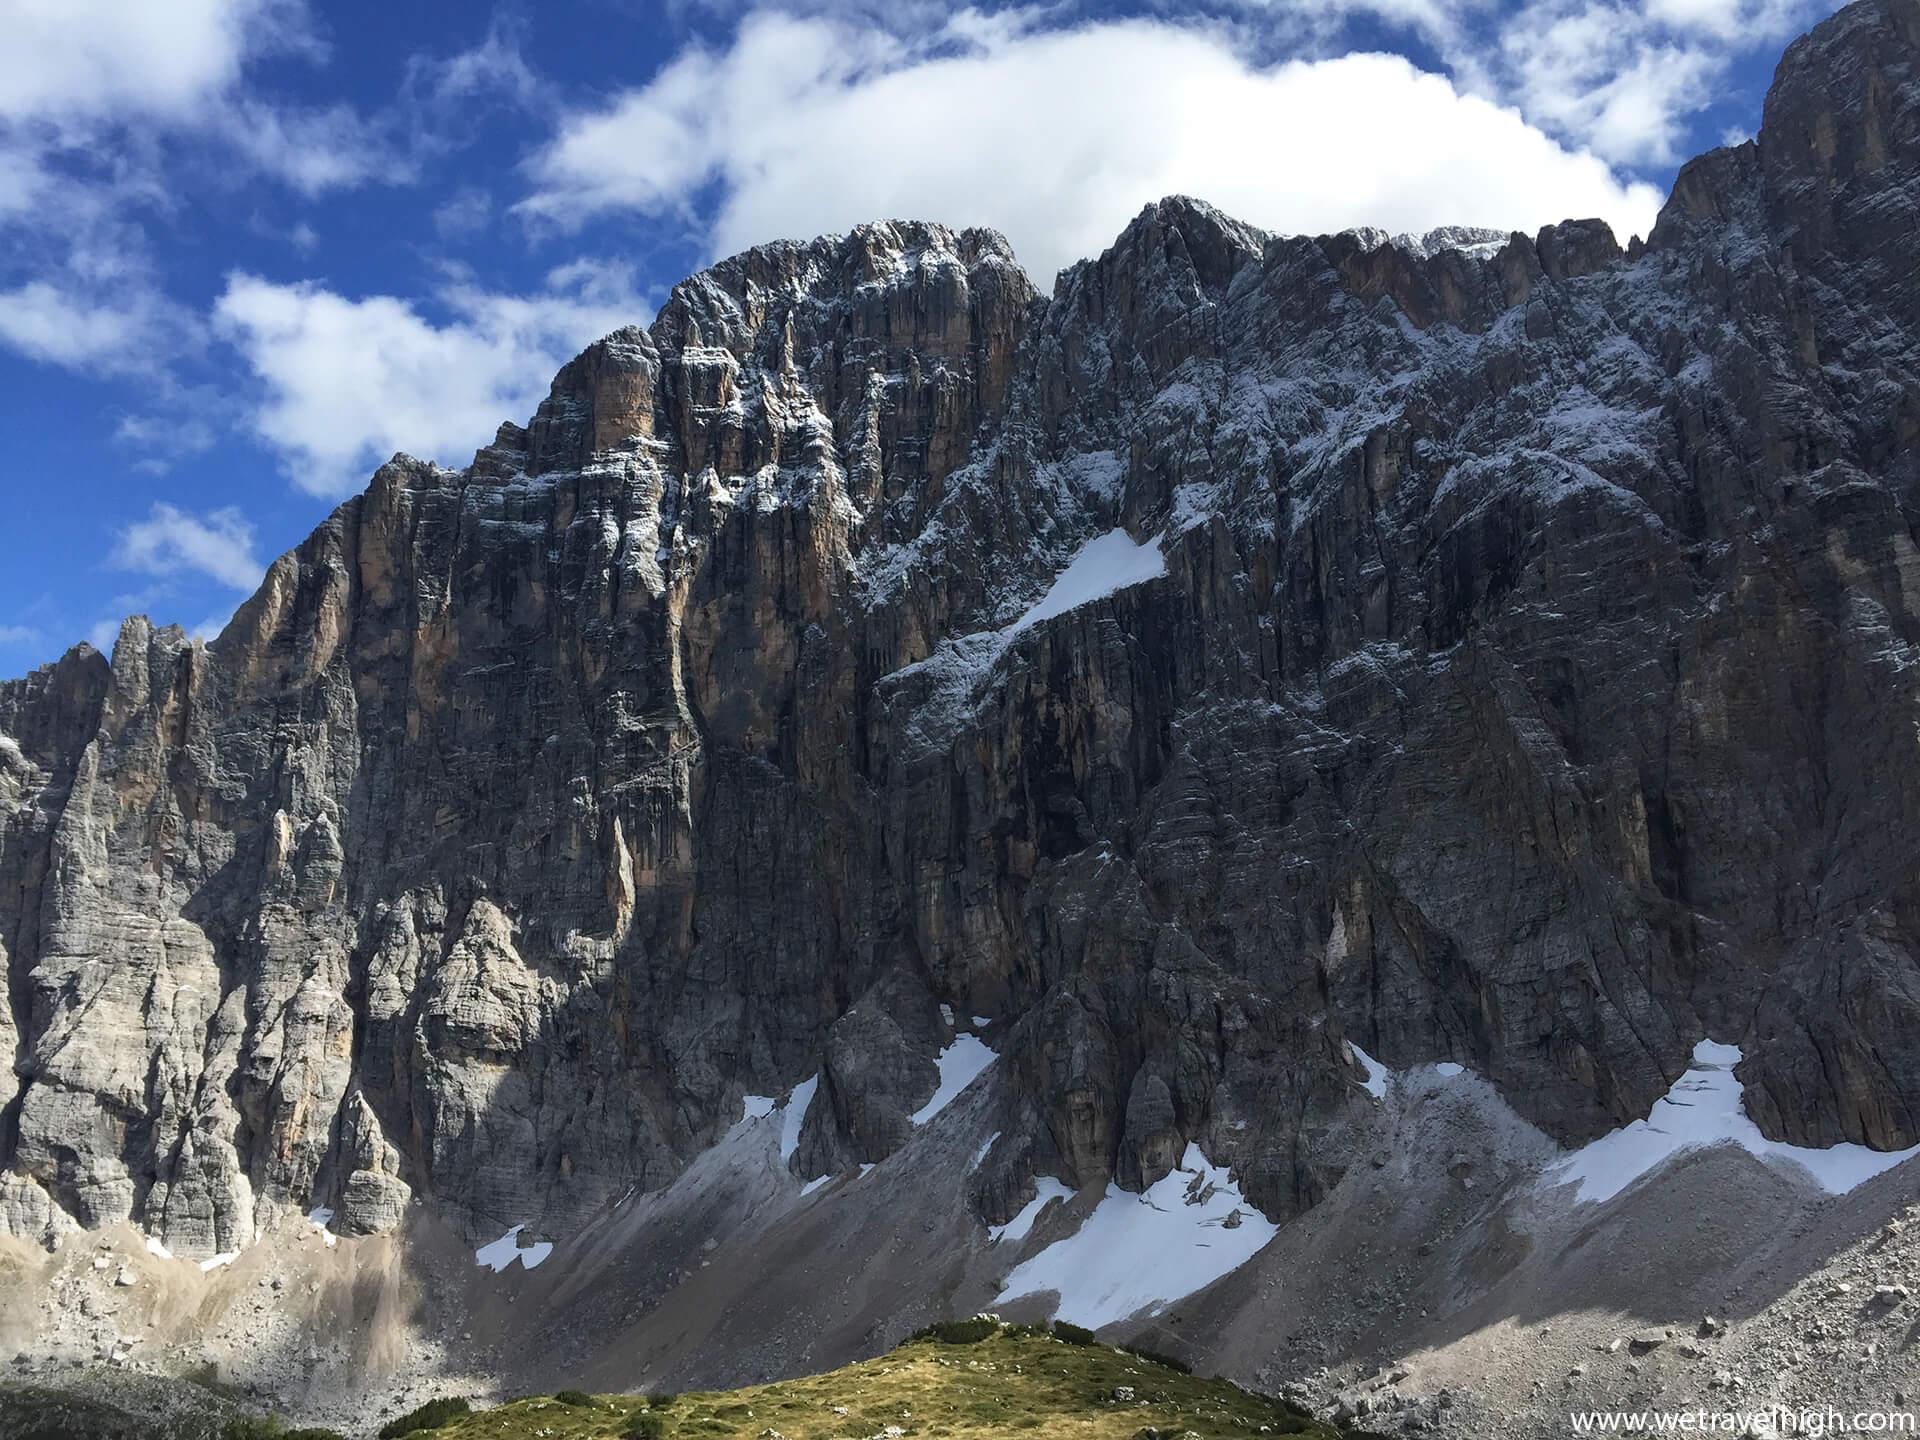 Parete Nord-Ovest del Monte Civetta